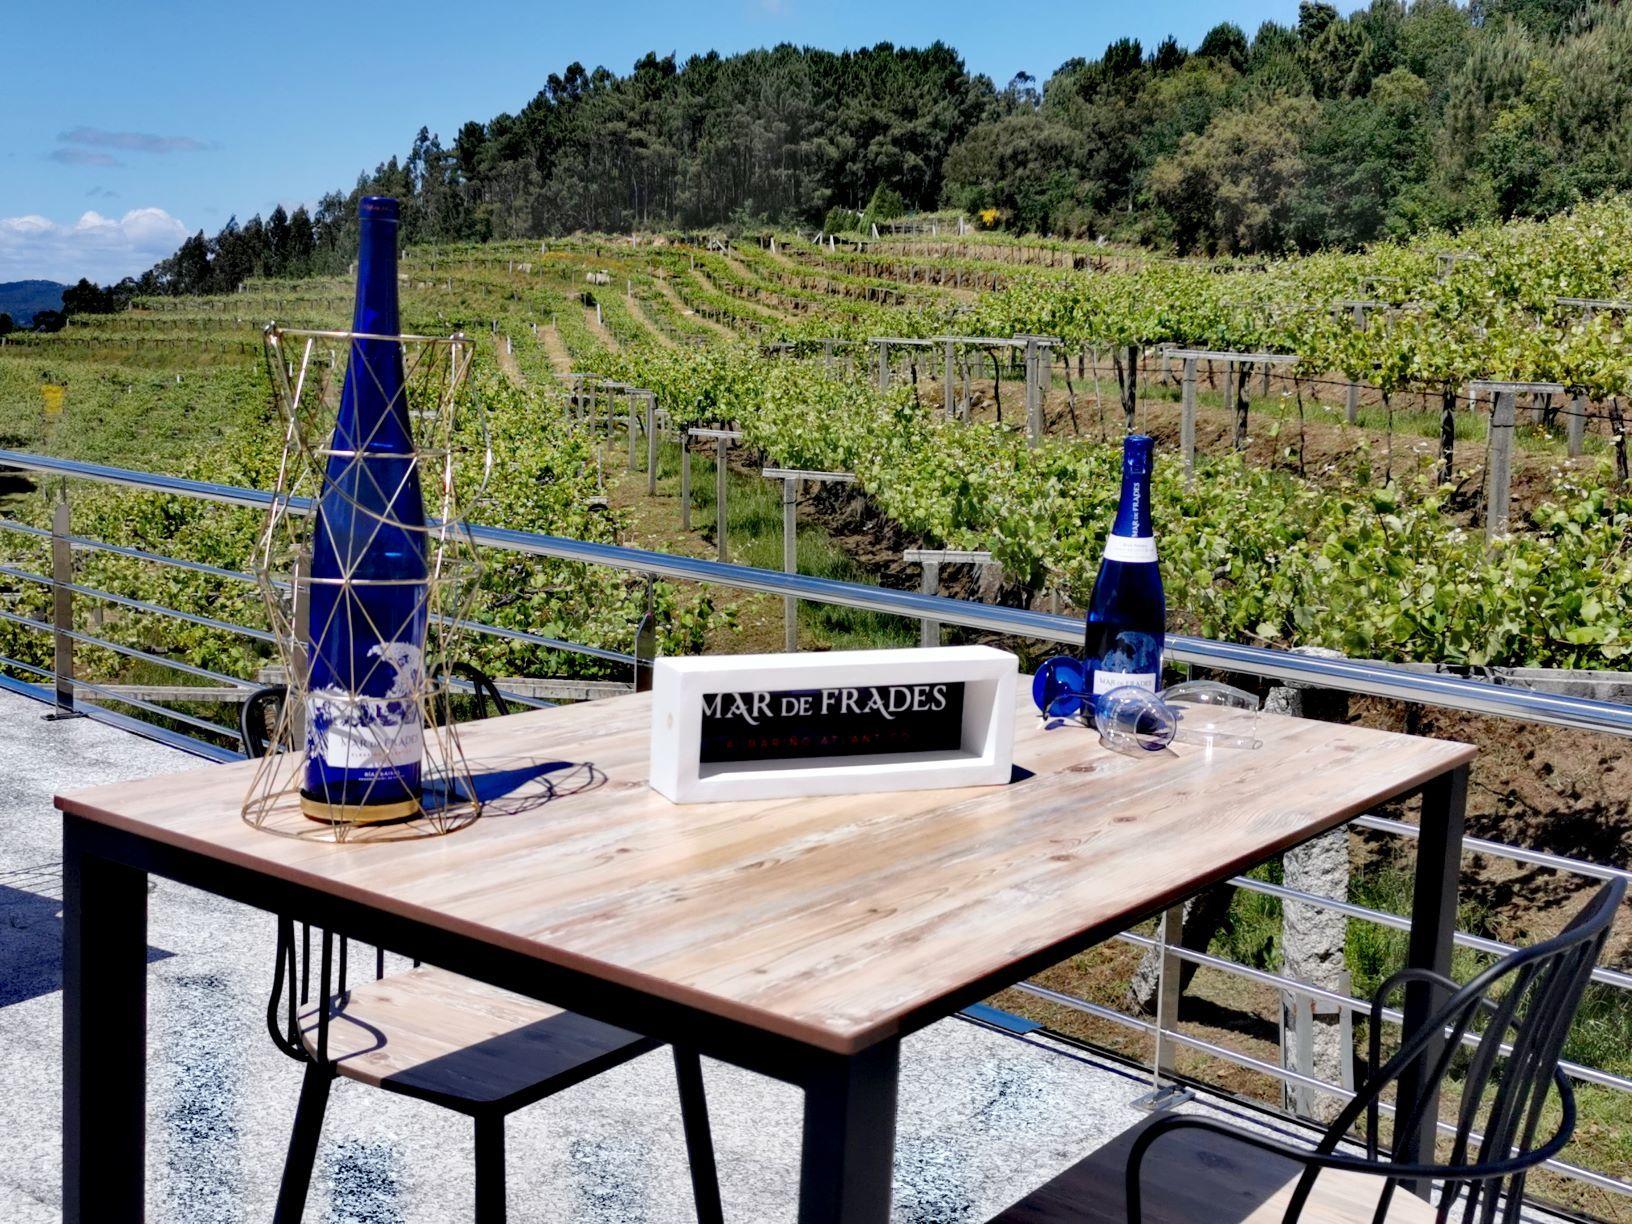 Cata de los vinos Mar de Frades en la terraza de la bodega, frente al viñedo.